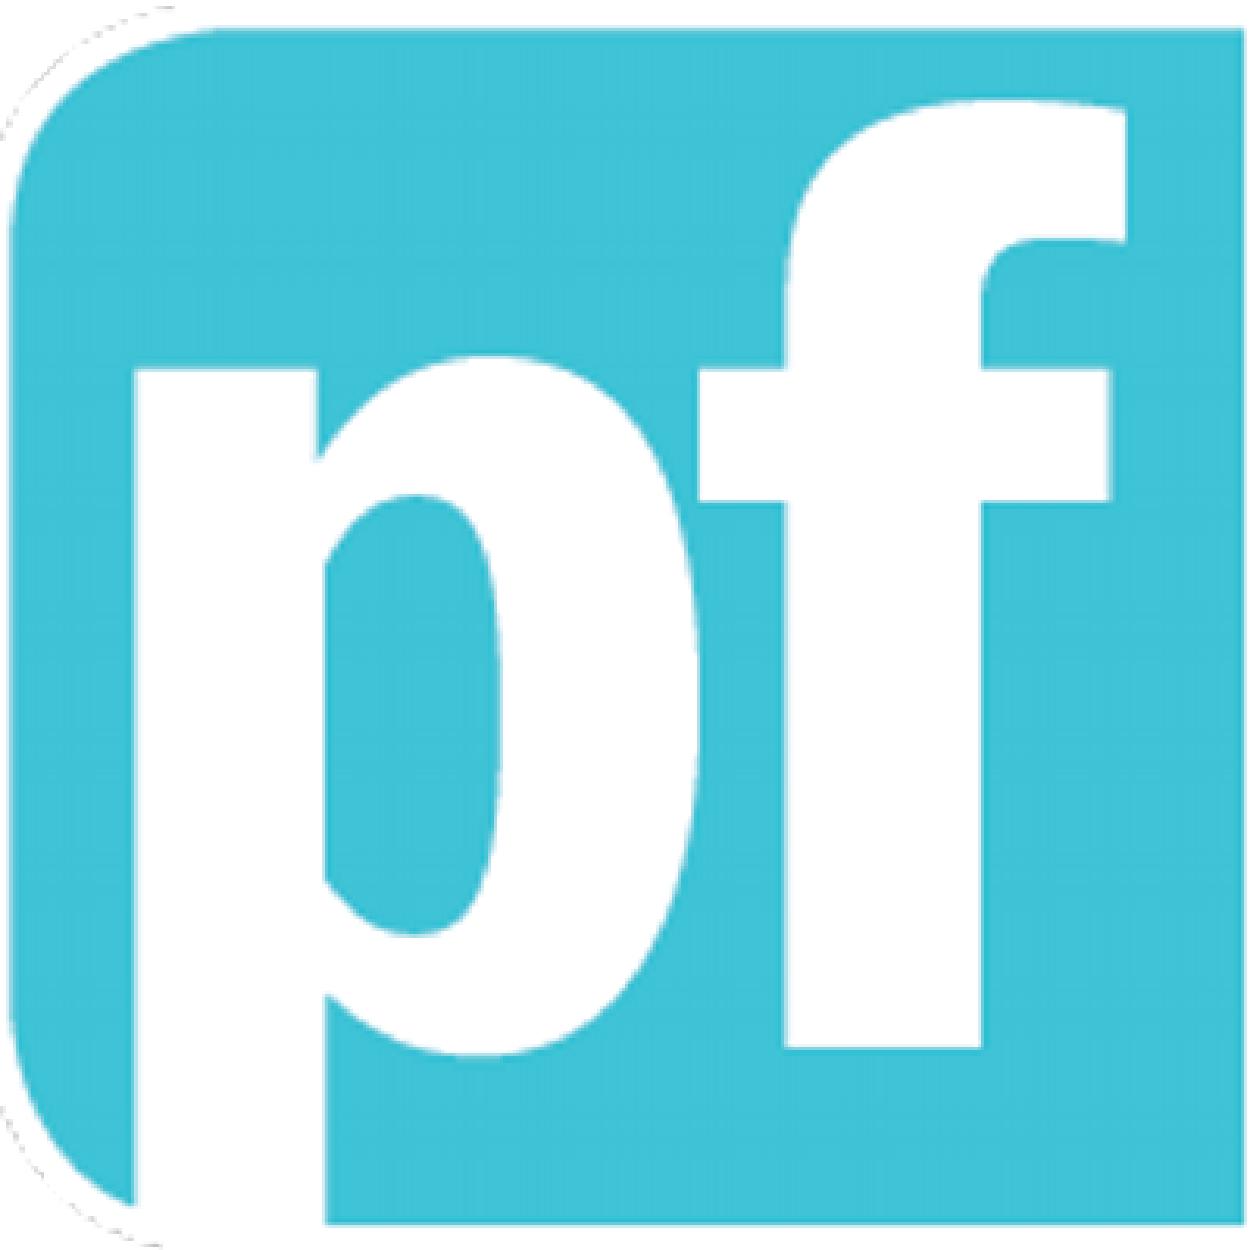 Public Finance logo